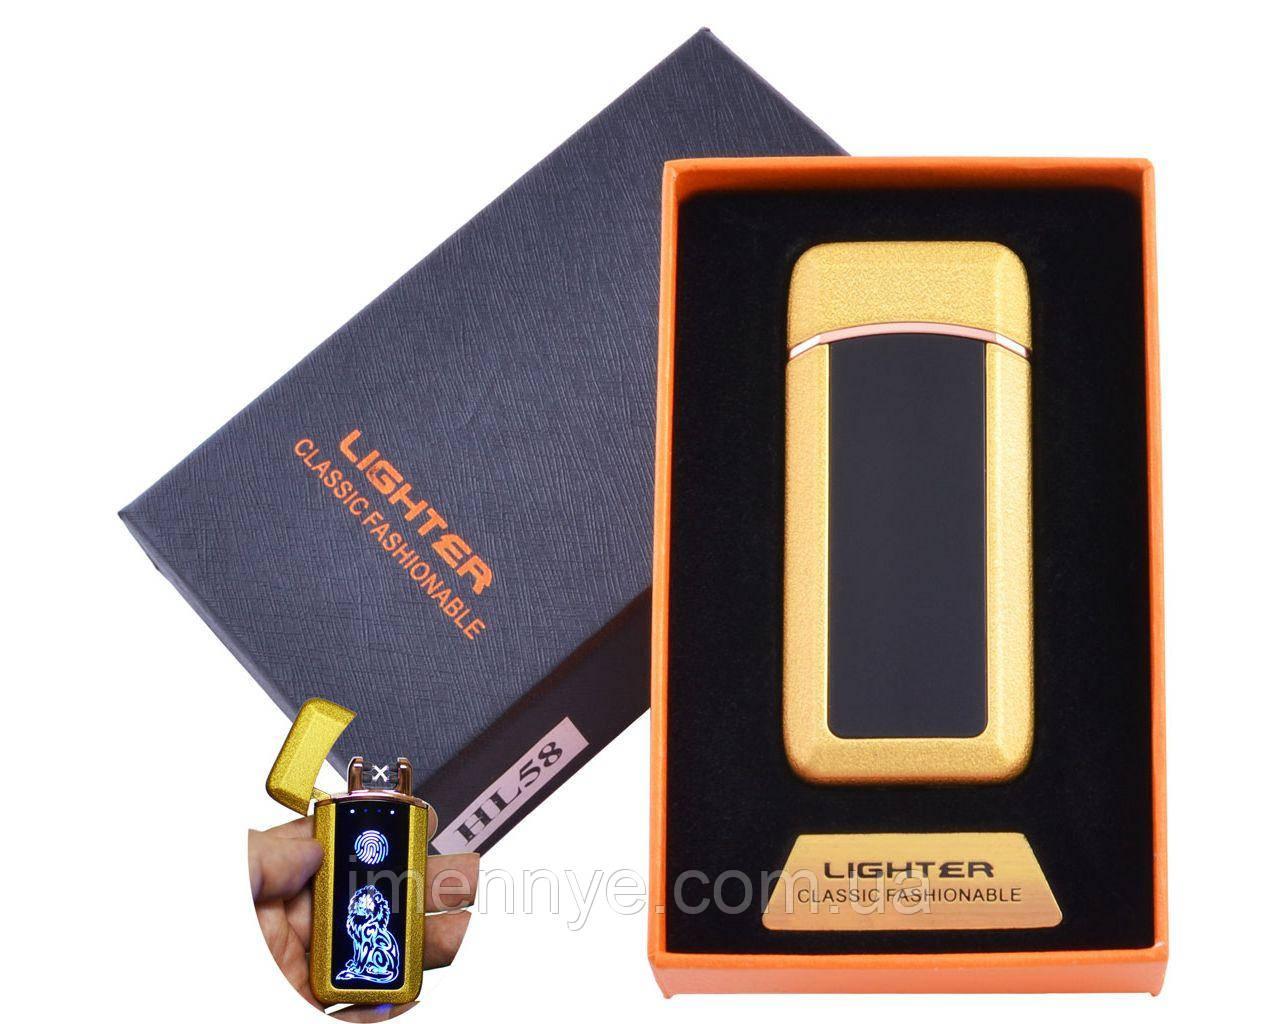 Сенсорная USB зажигалка в подарочной упаковке Lighter